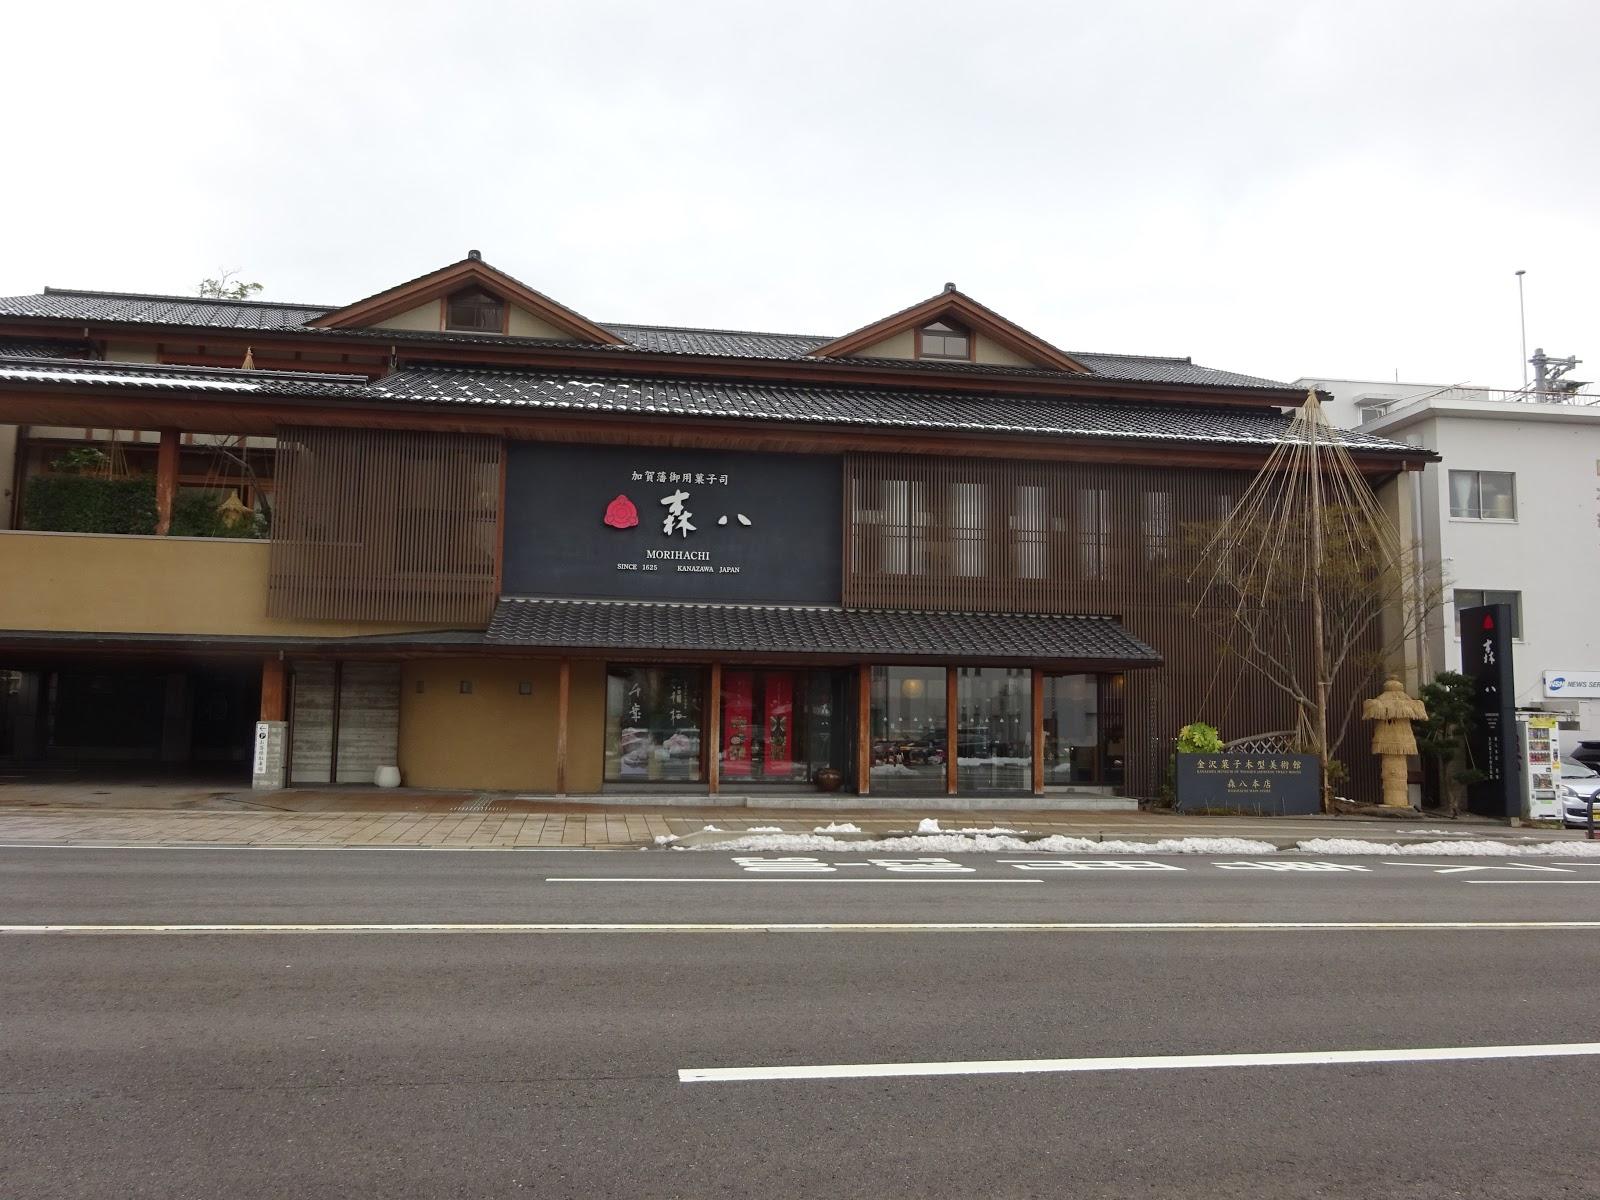 N氏の金沢ぶらり散歩日記: 森八菓子本店 主計町「貴船」の弁当